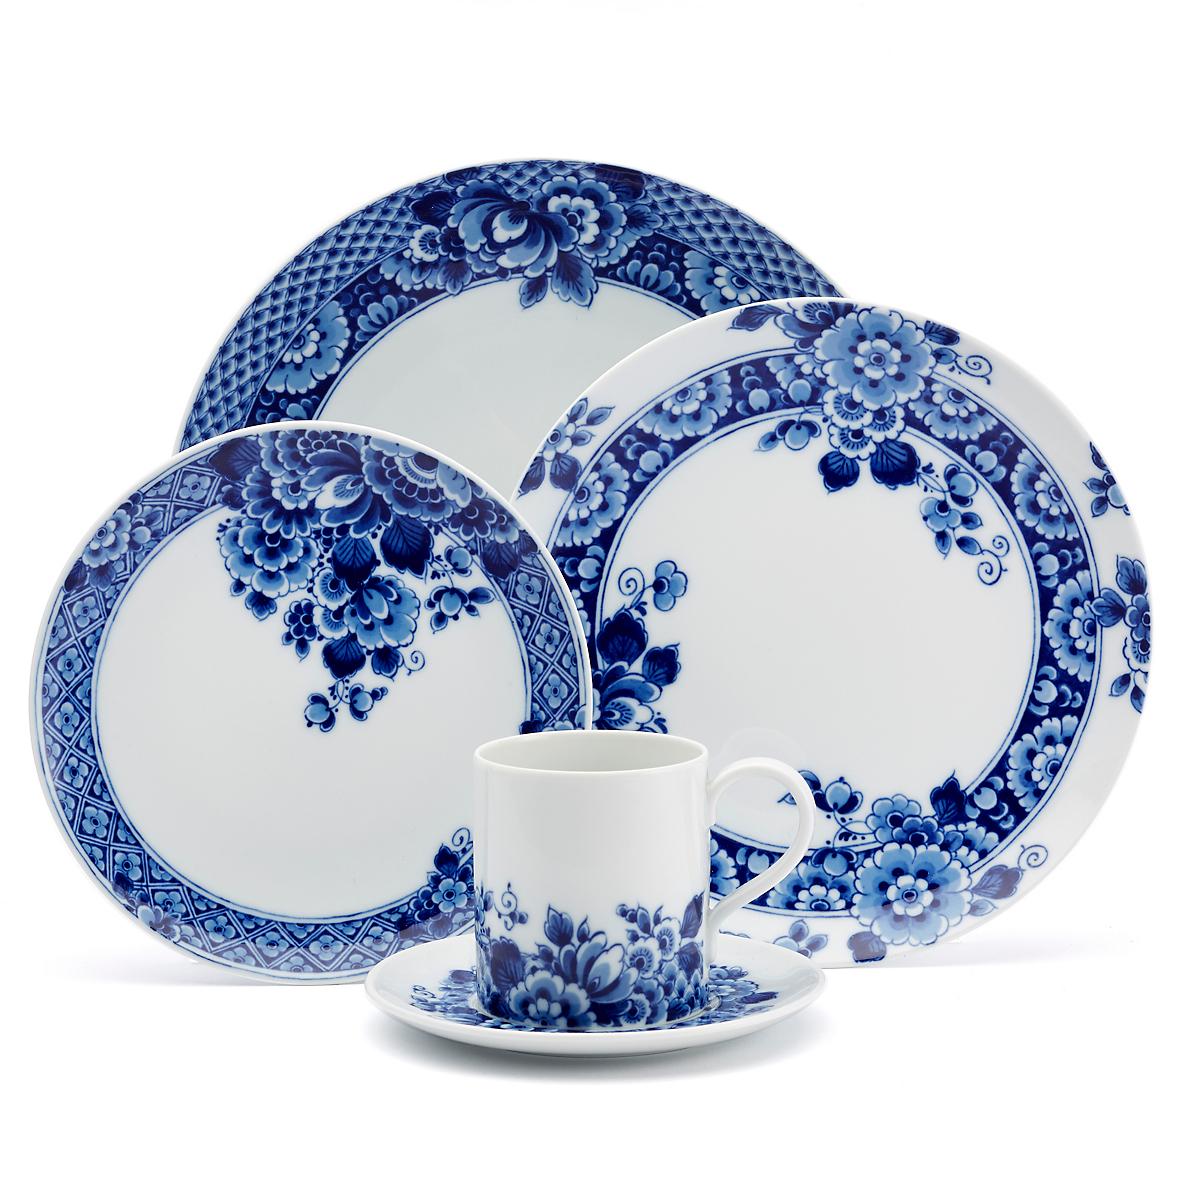 Vista Alegre Blue Ming Dinnerware  sc 1 st  Gumpu0027s & Dinnerware Fine China Unique u0026 Vintage Dish Sets | Gumpu0027s